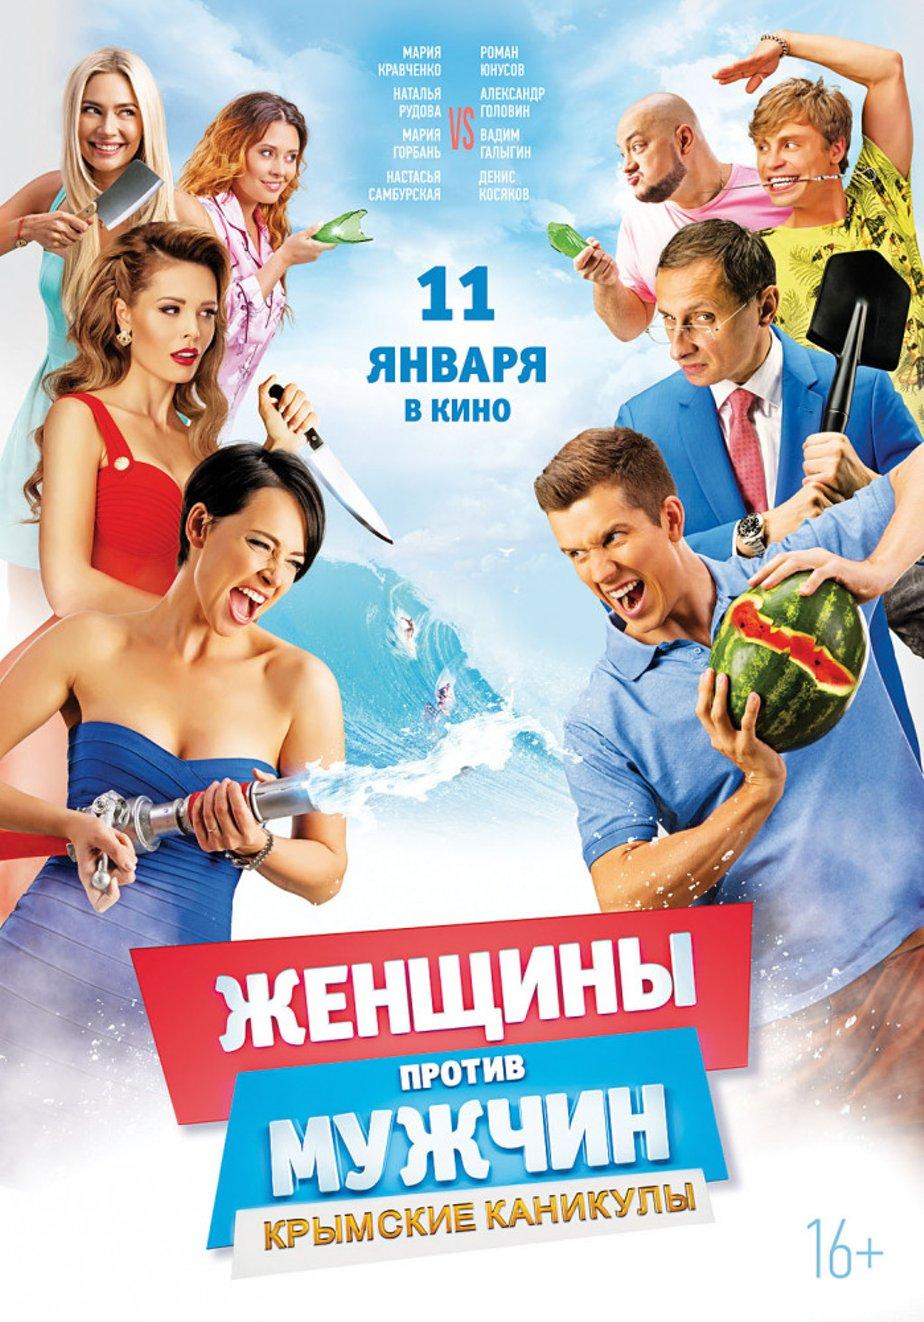 смотреть фильм мужские каникулы